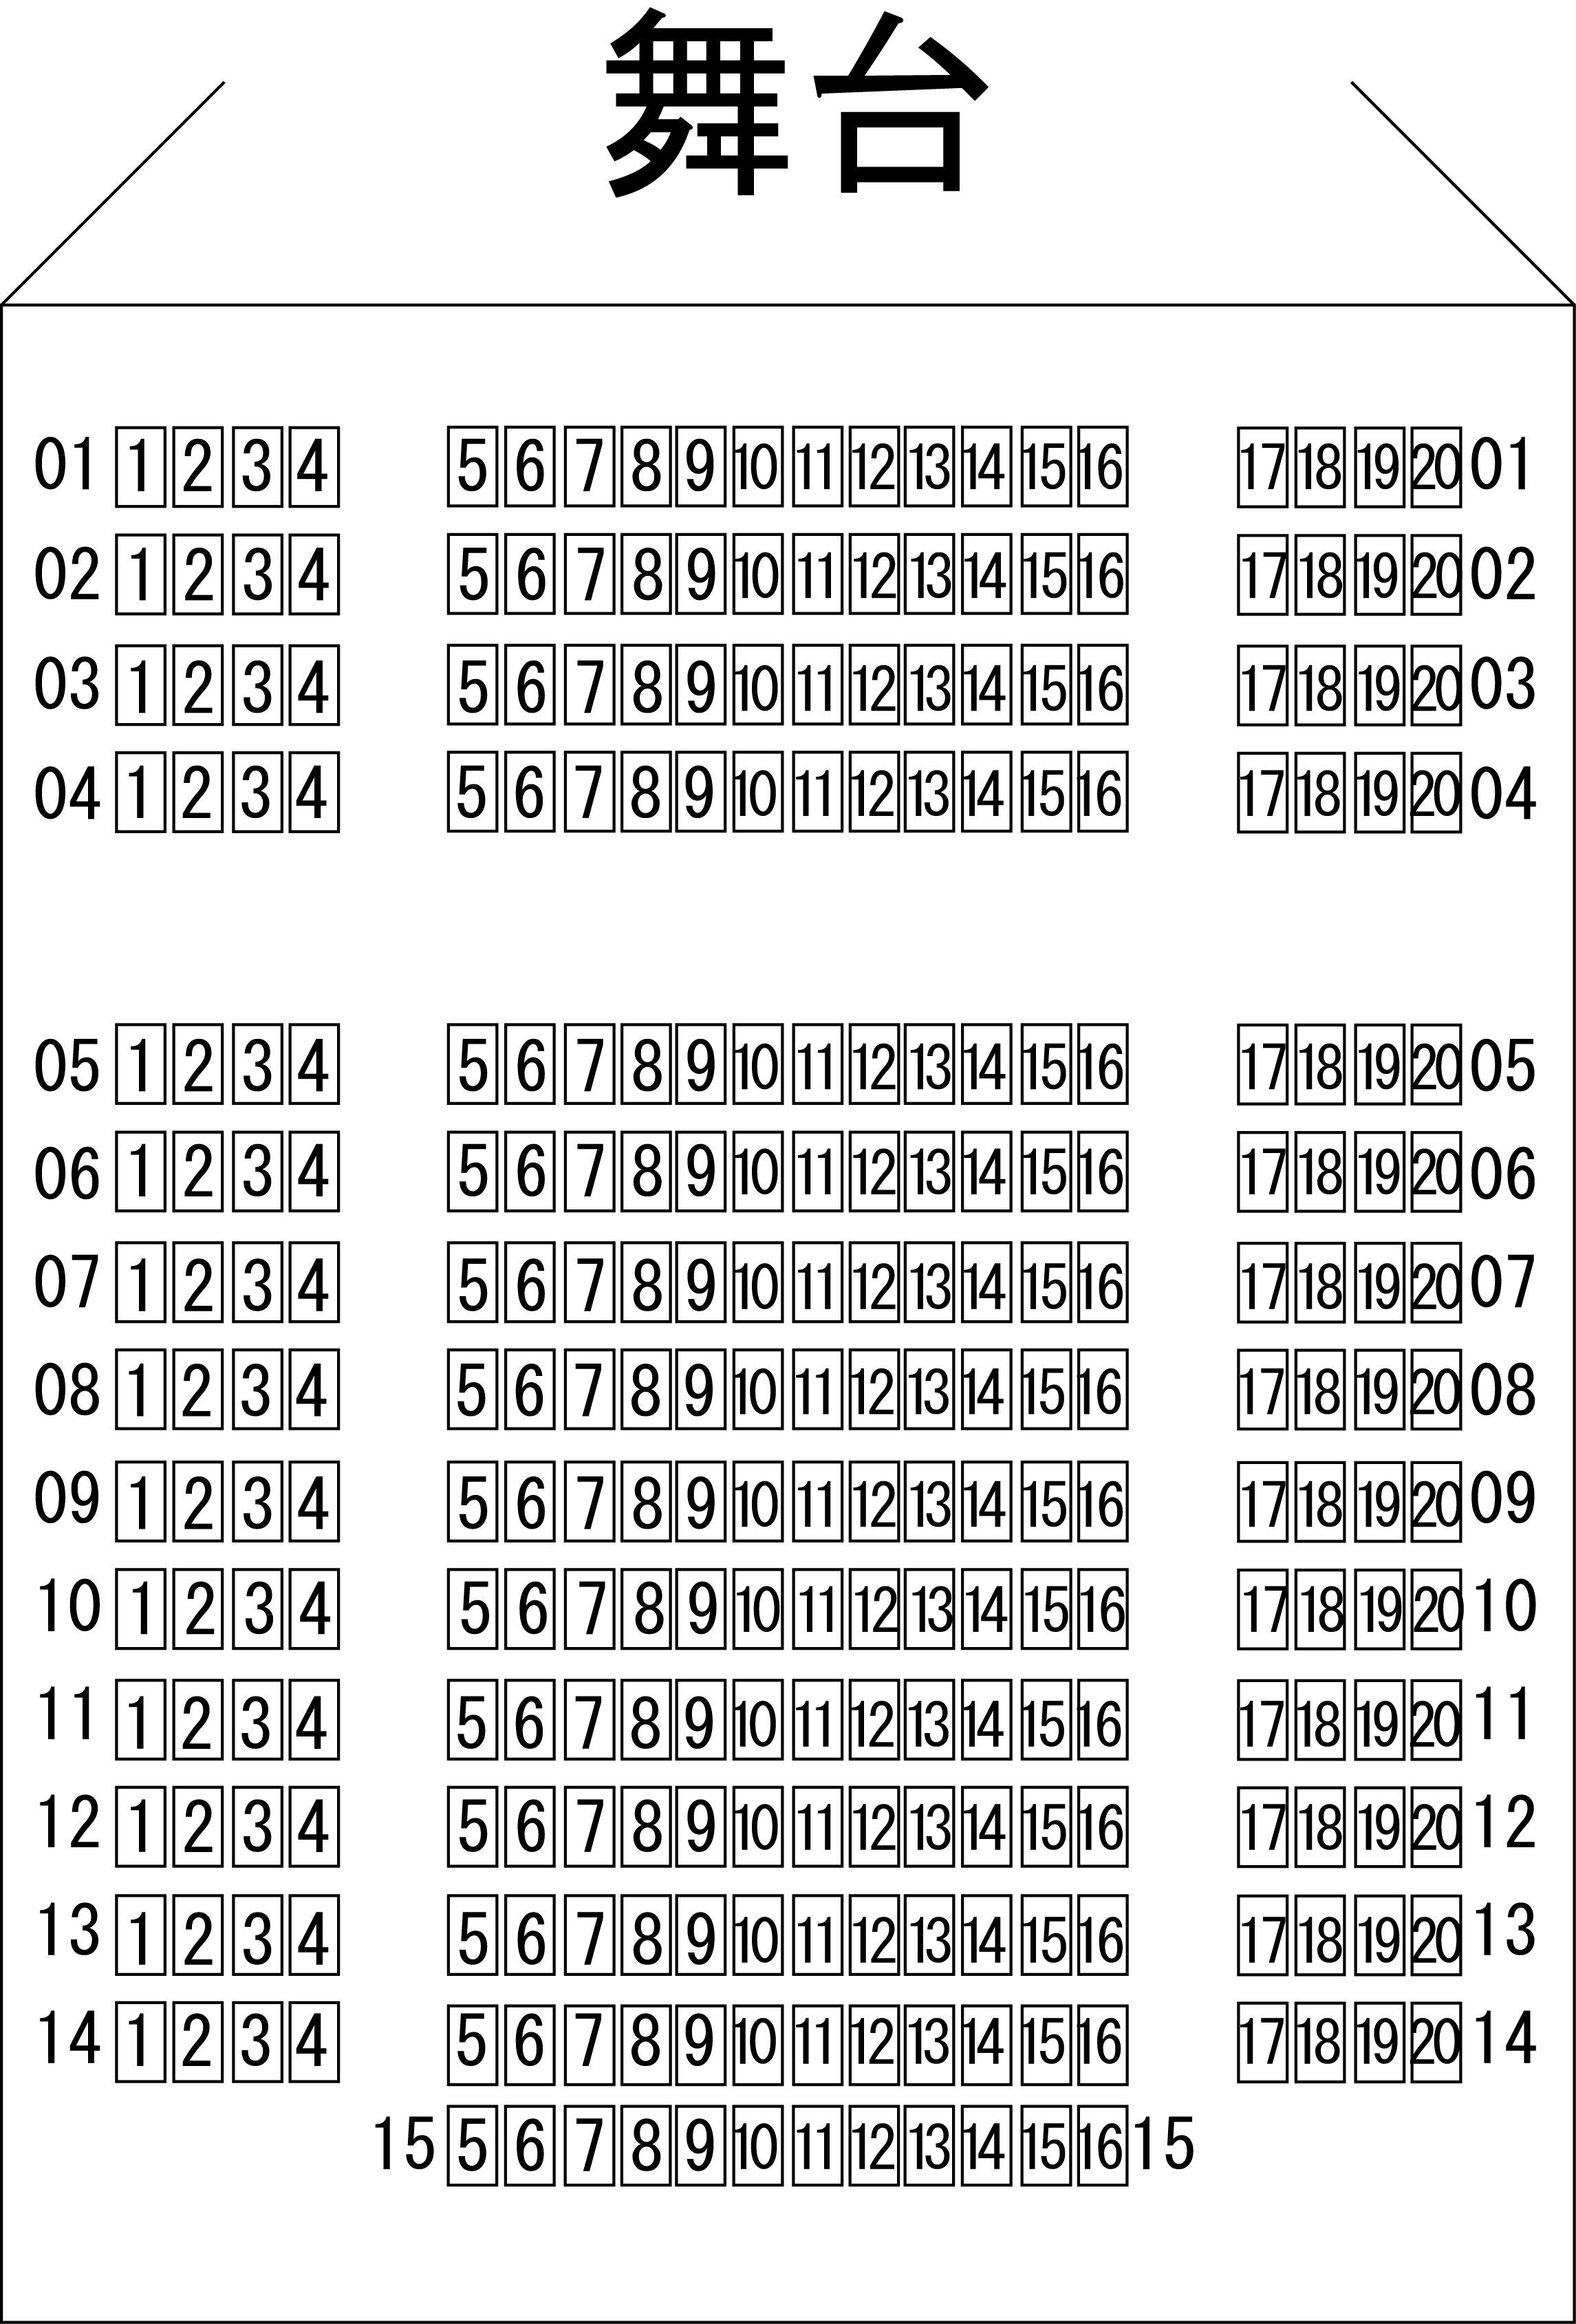 マリナート座席表